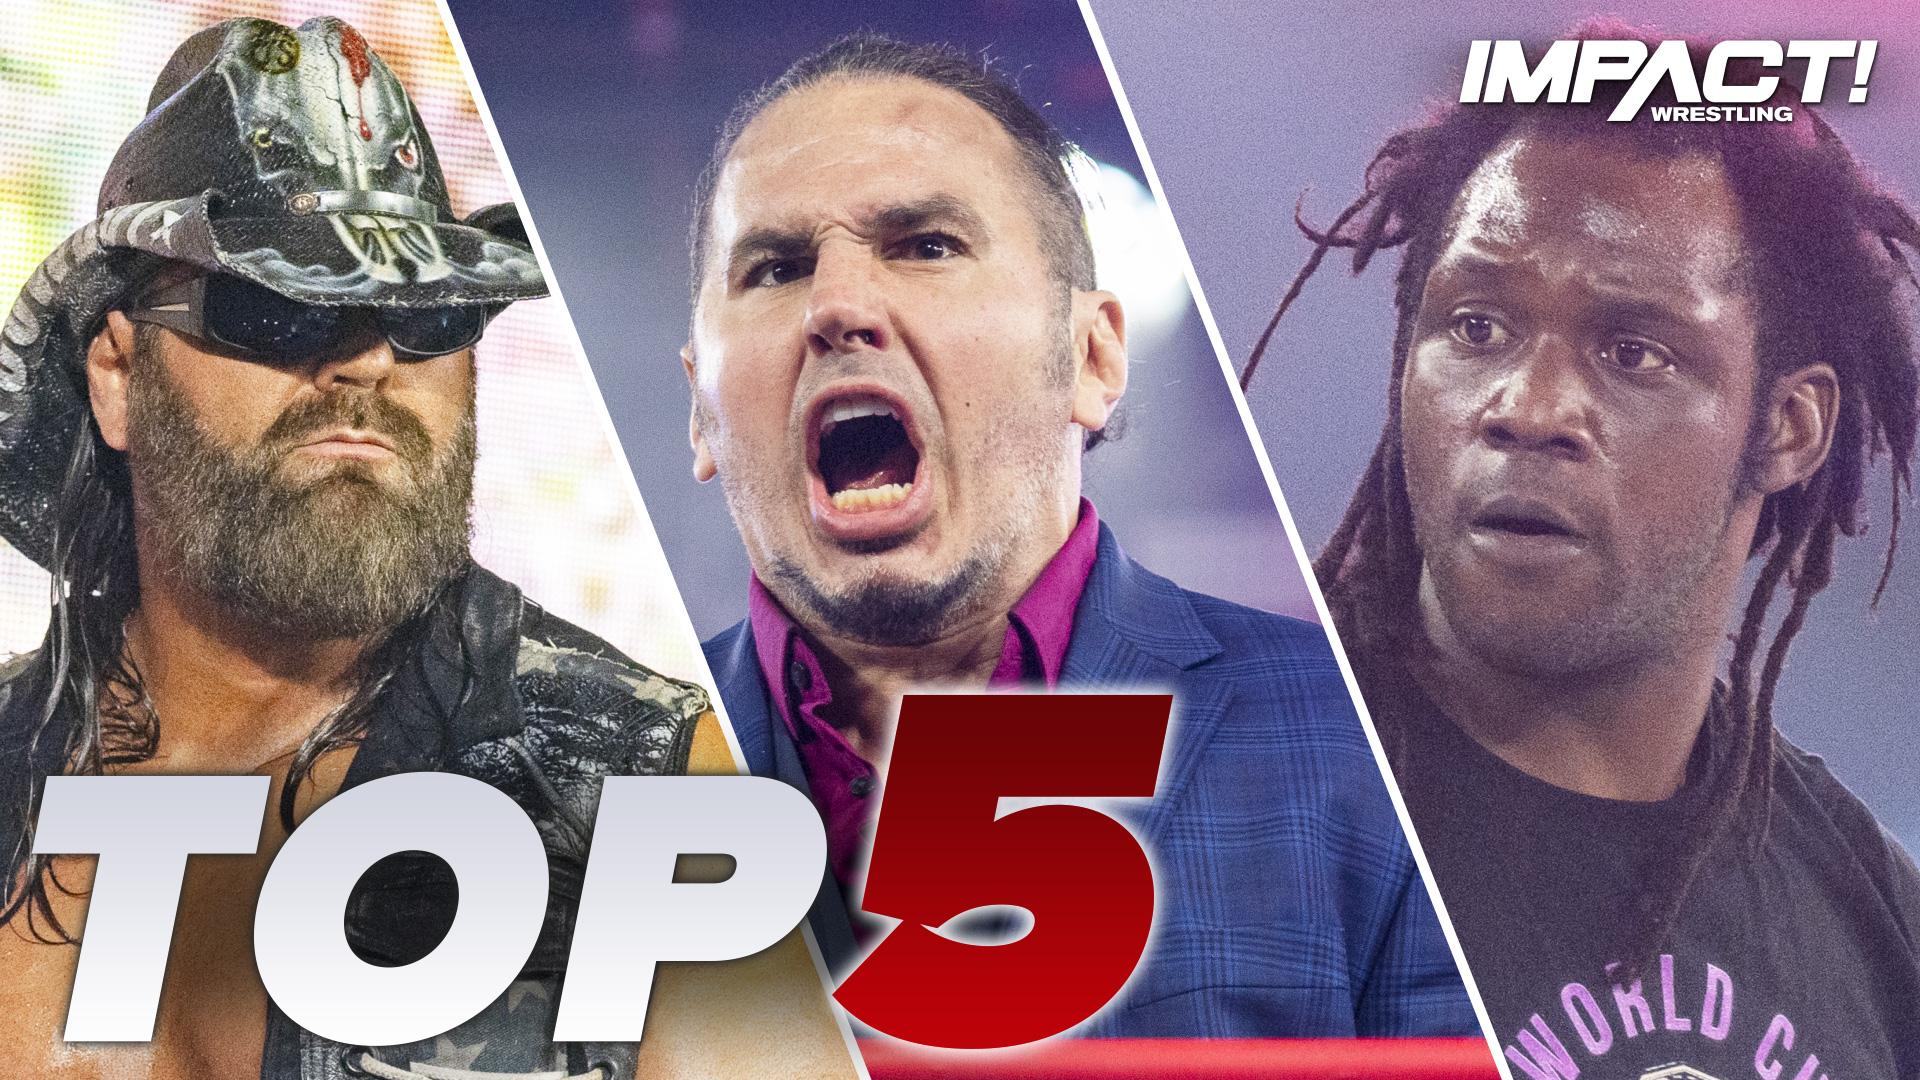 IMPACT! January 19, 2021 – IMPACT Wrestling